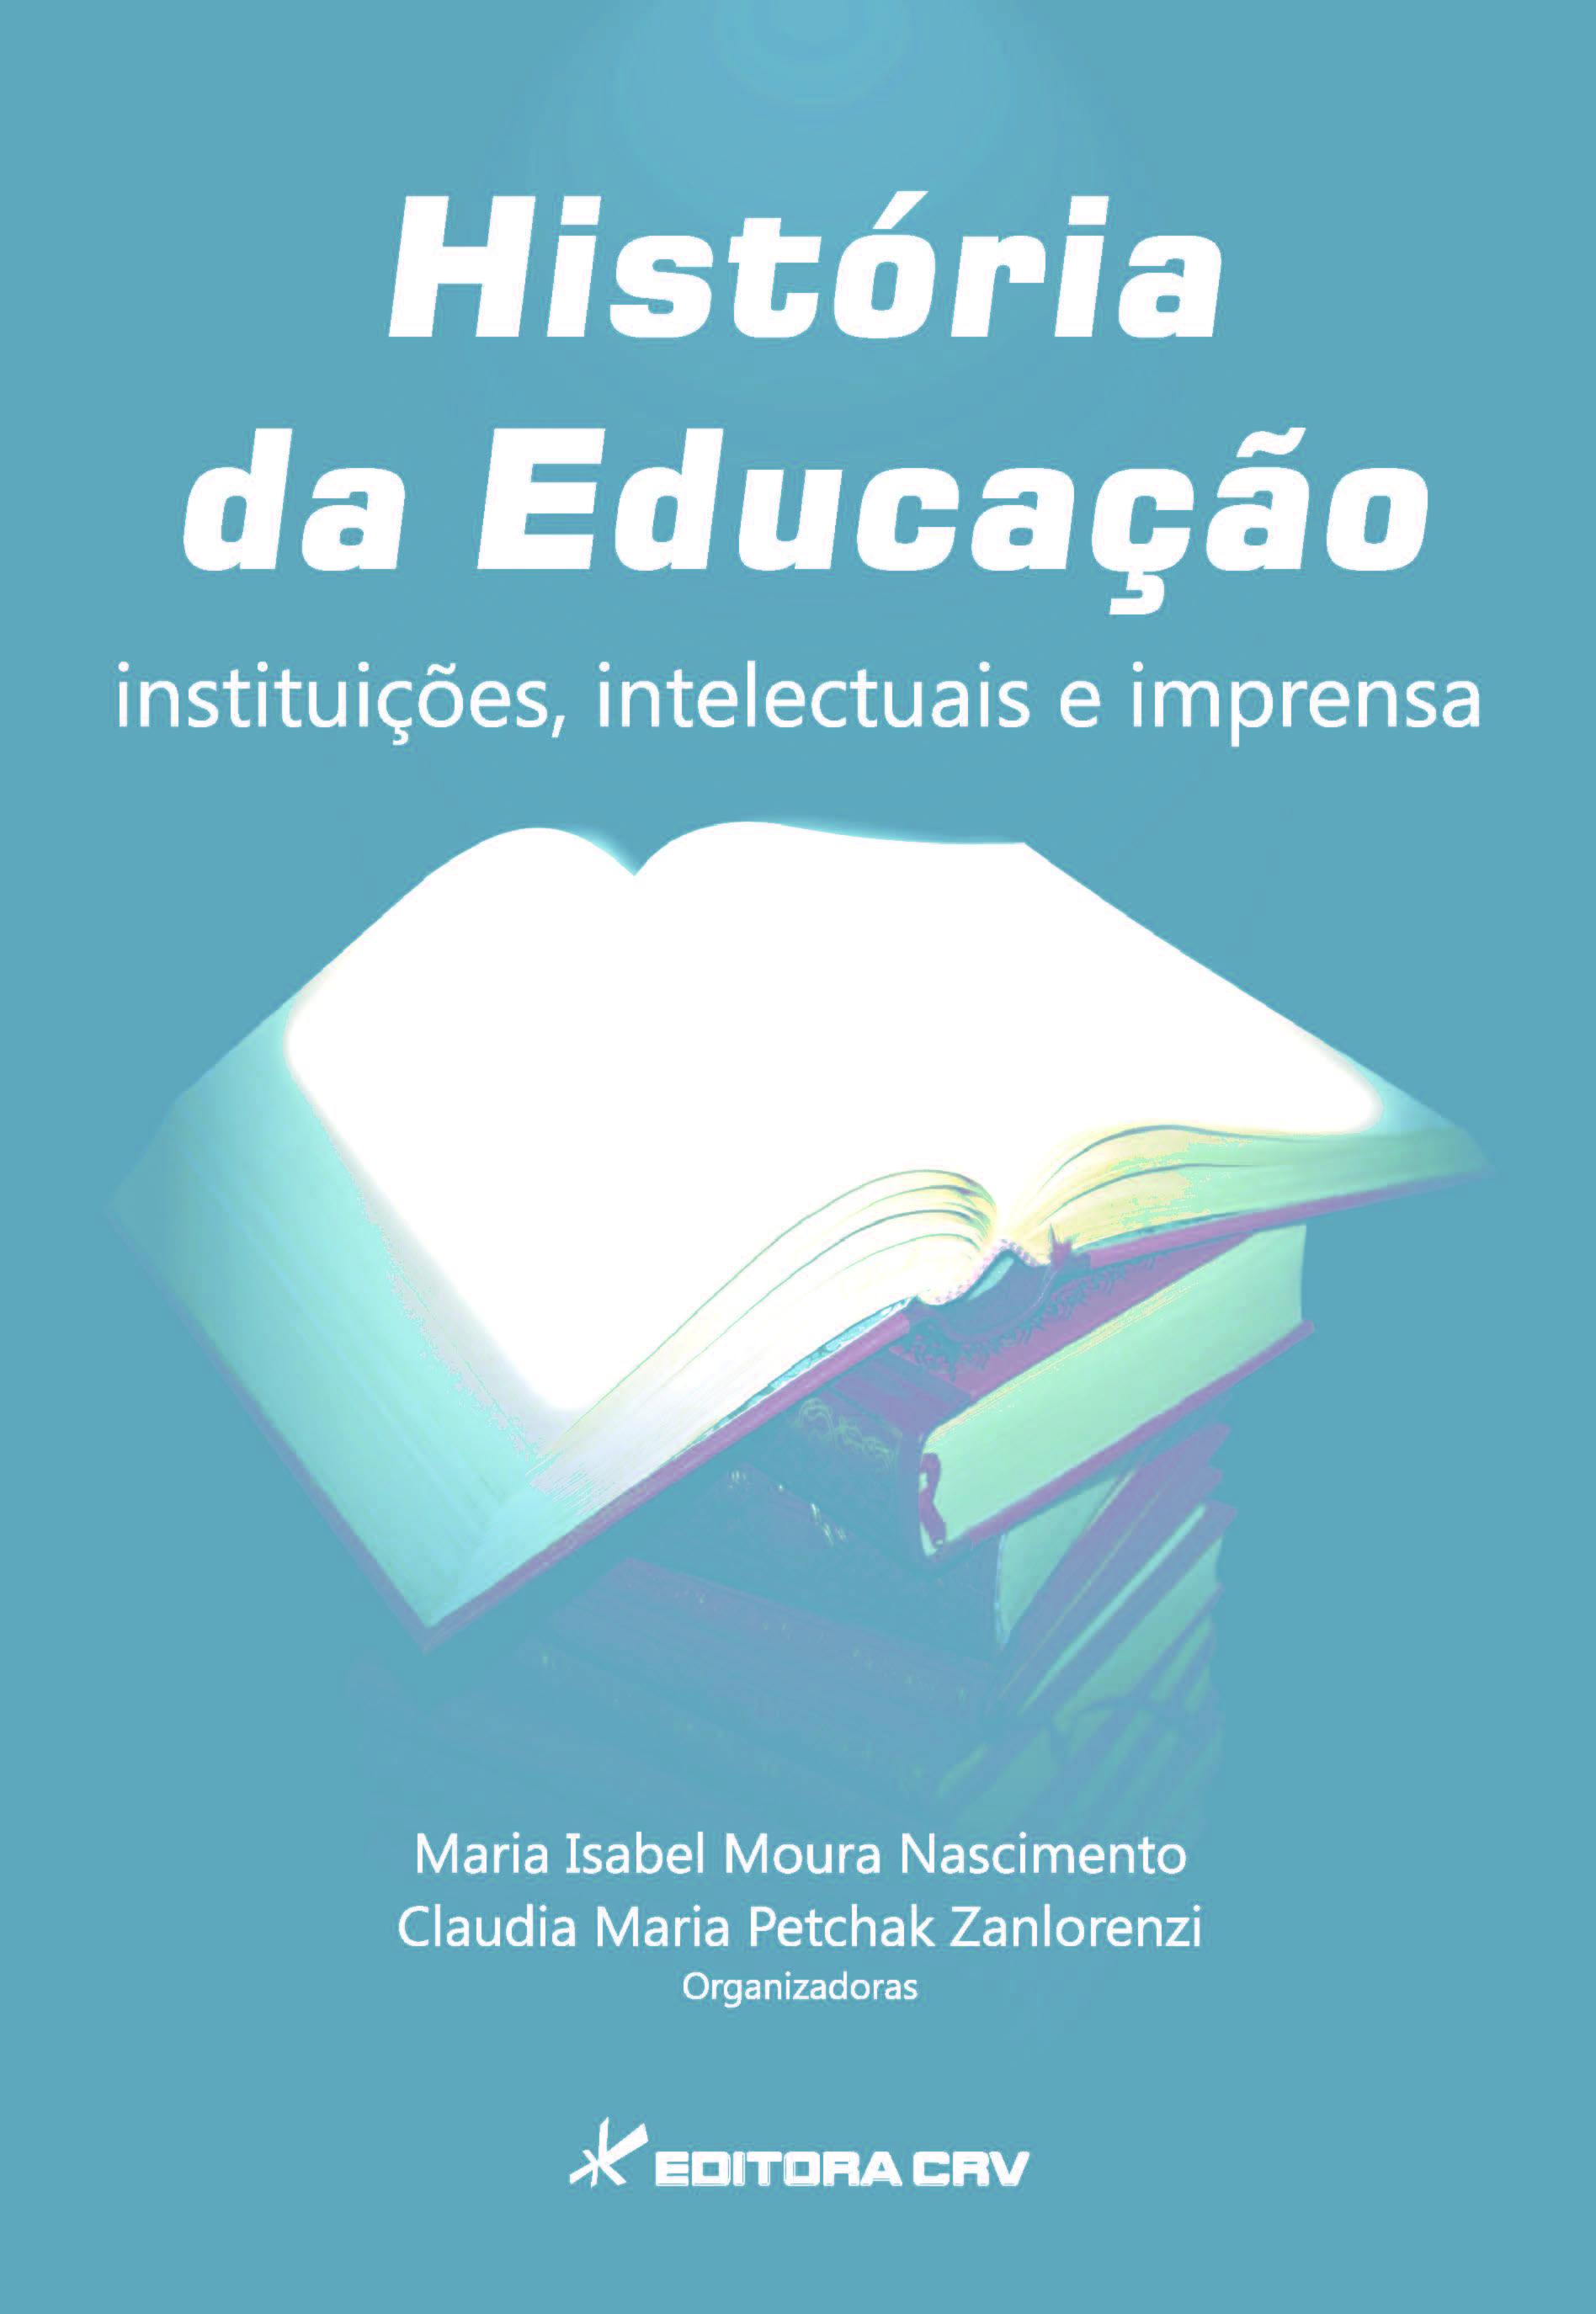 Capa do livro: HISTÓRIA DA EDUCAÇÃO:<br>instituições, intelectuais e imprensa